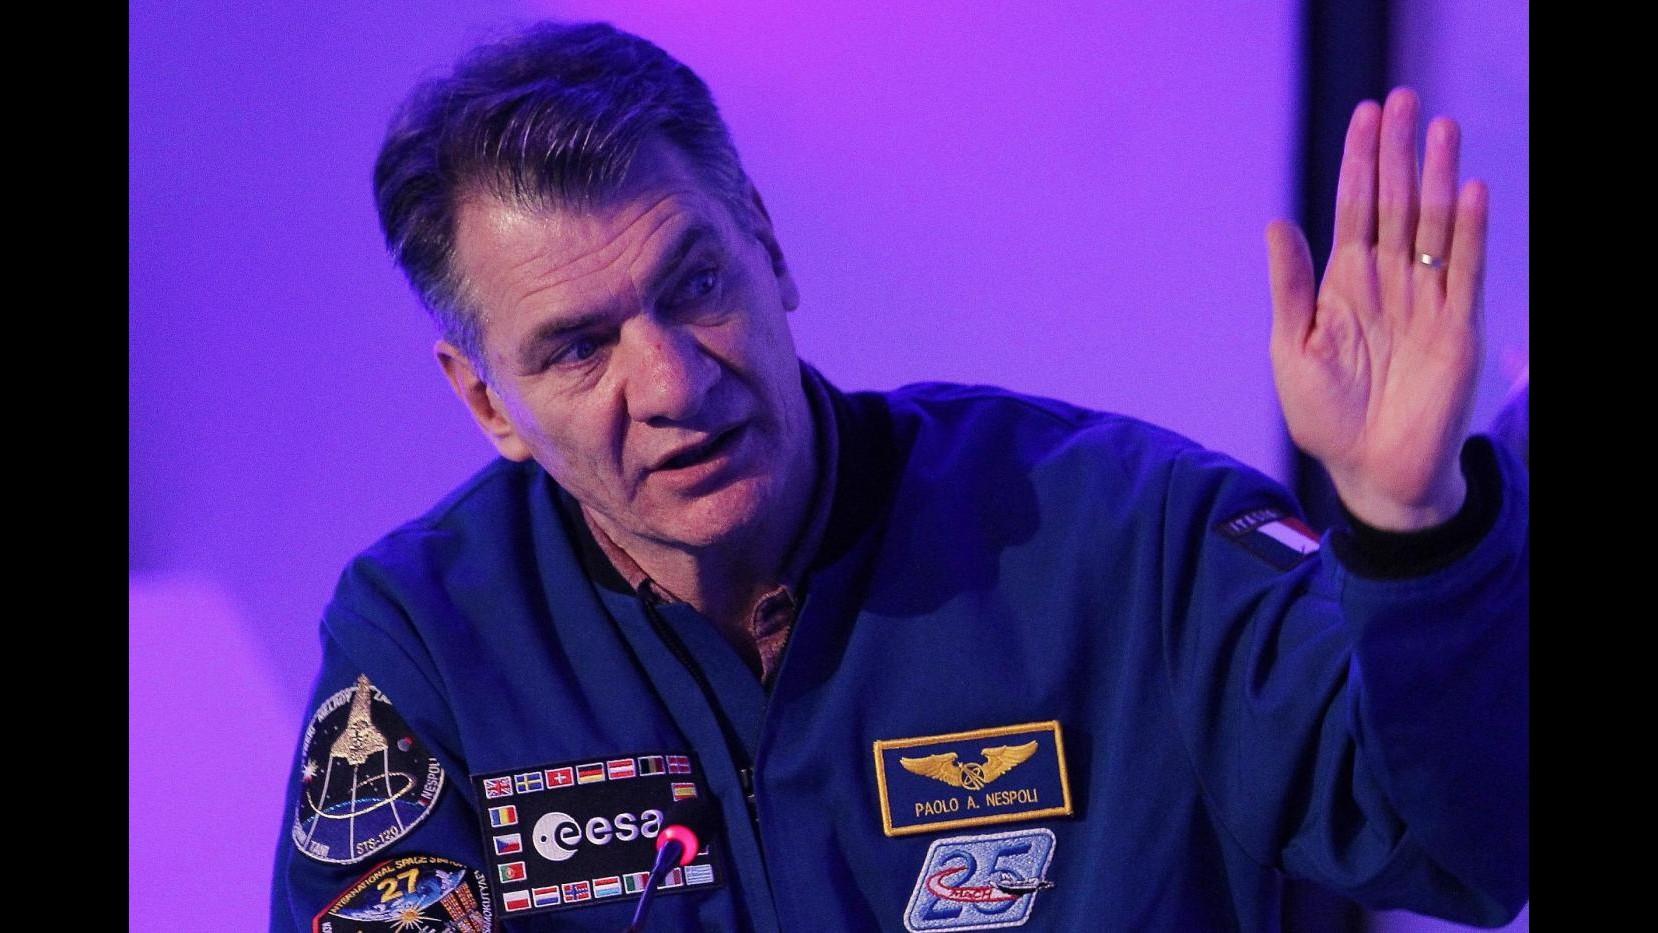 Nespoli tornerà nello spazio per la terza volta. Missione nel 2017 a 60 anni